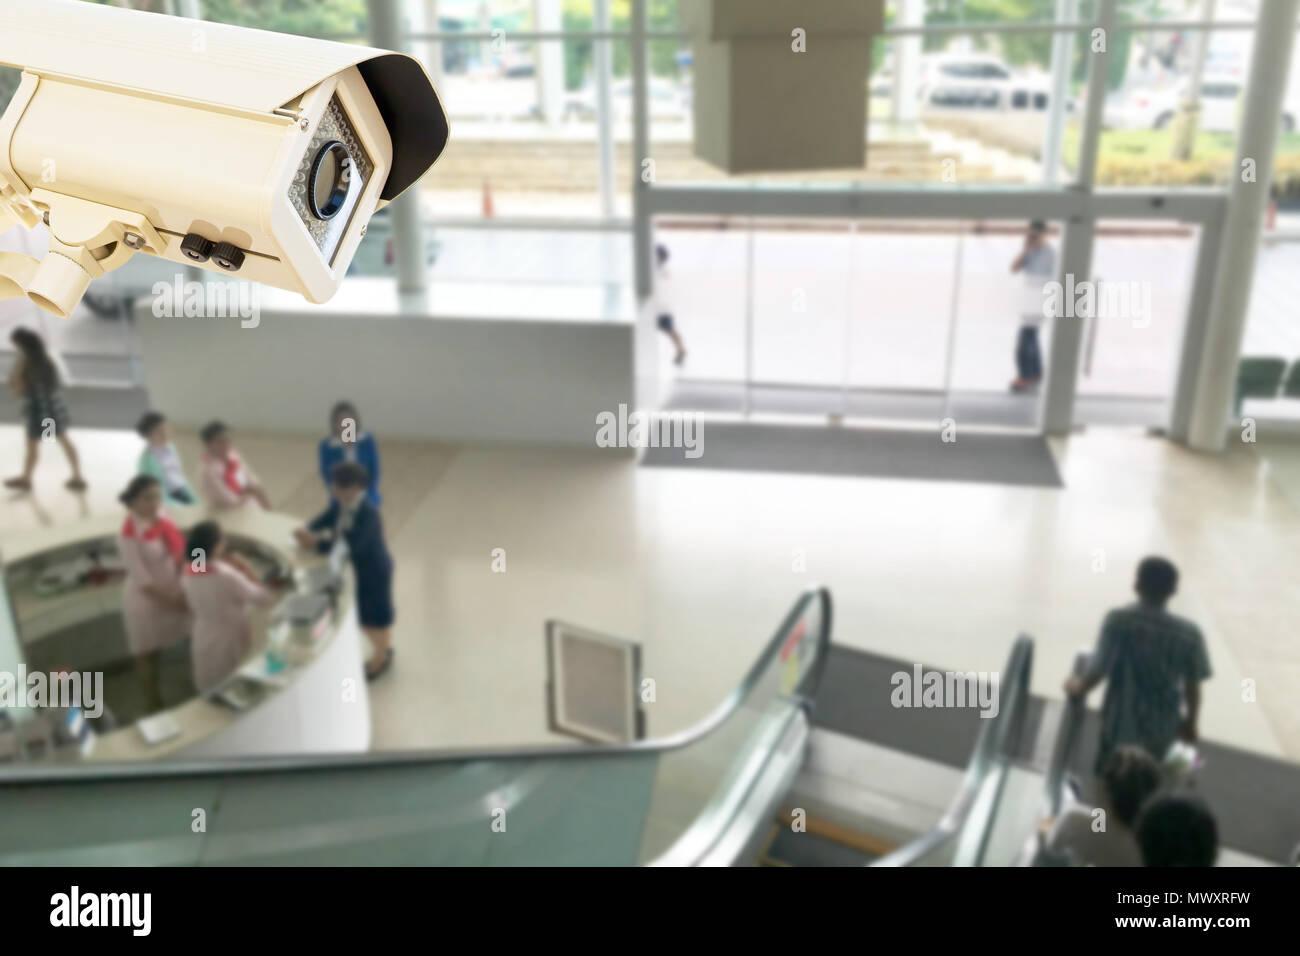 La caméra de sécurité CCTV fonctionnant en relations publiques Centre d'arrière-plan flou de l'hôpital. Banque D'Images